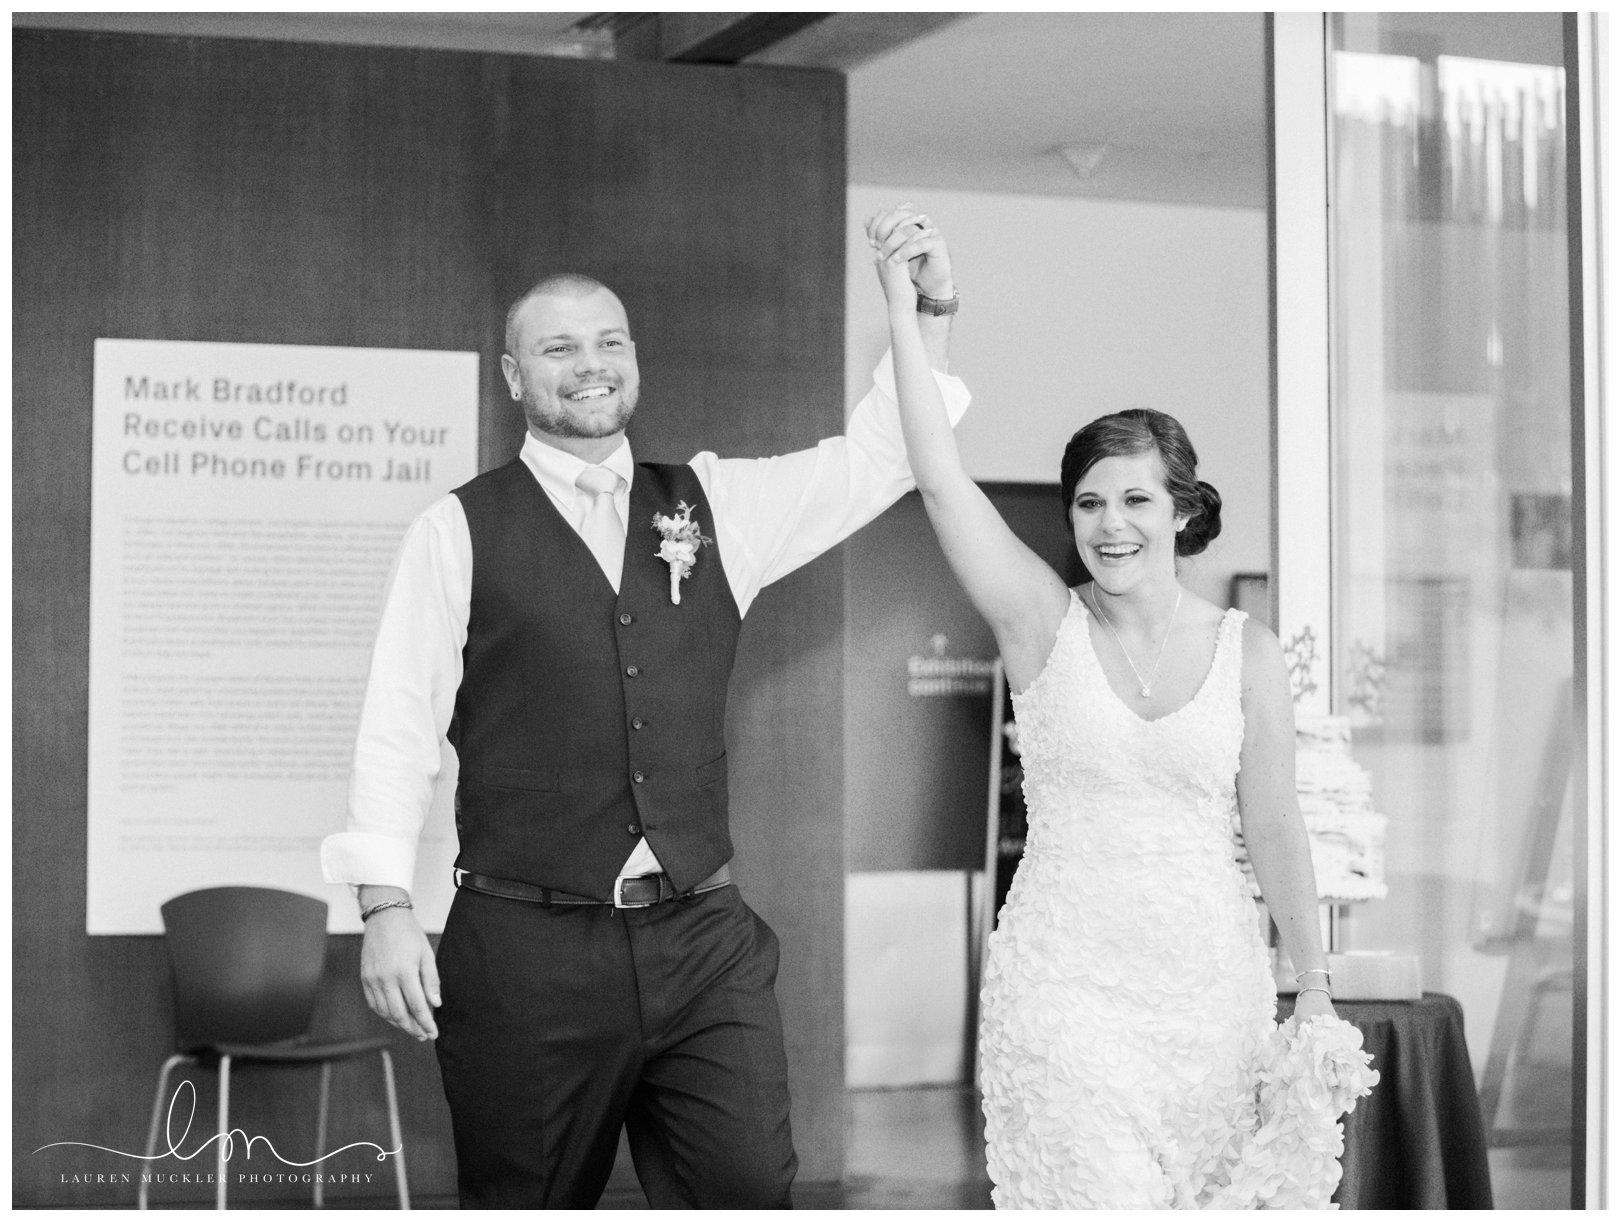 lauren muckler photography_fine art film wedding photography_st louis_photography_0566.jpg